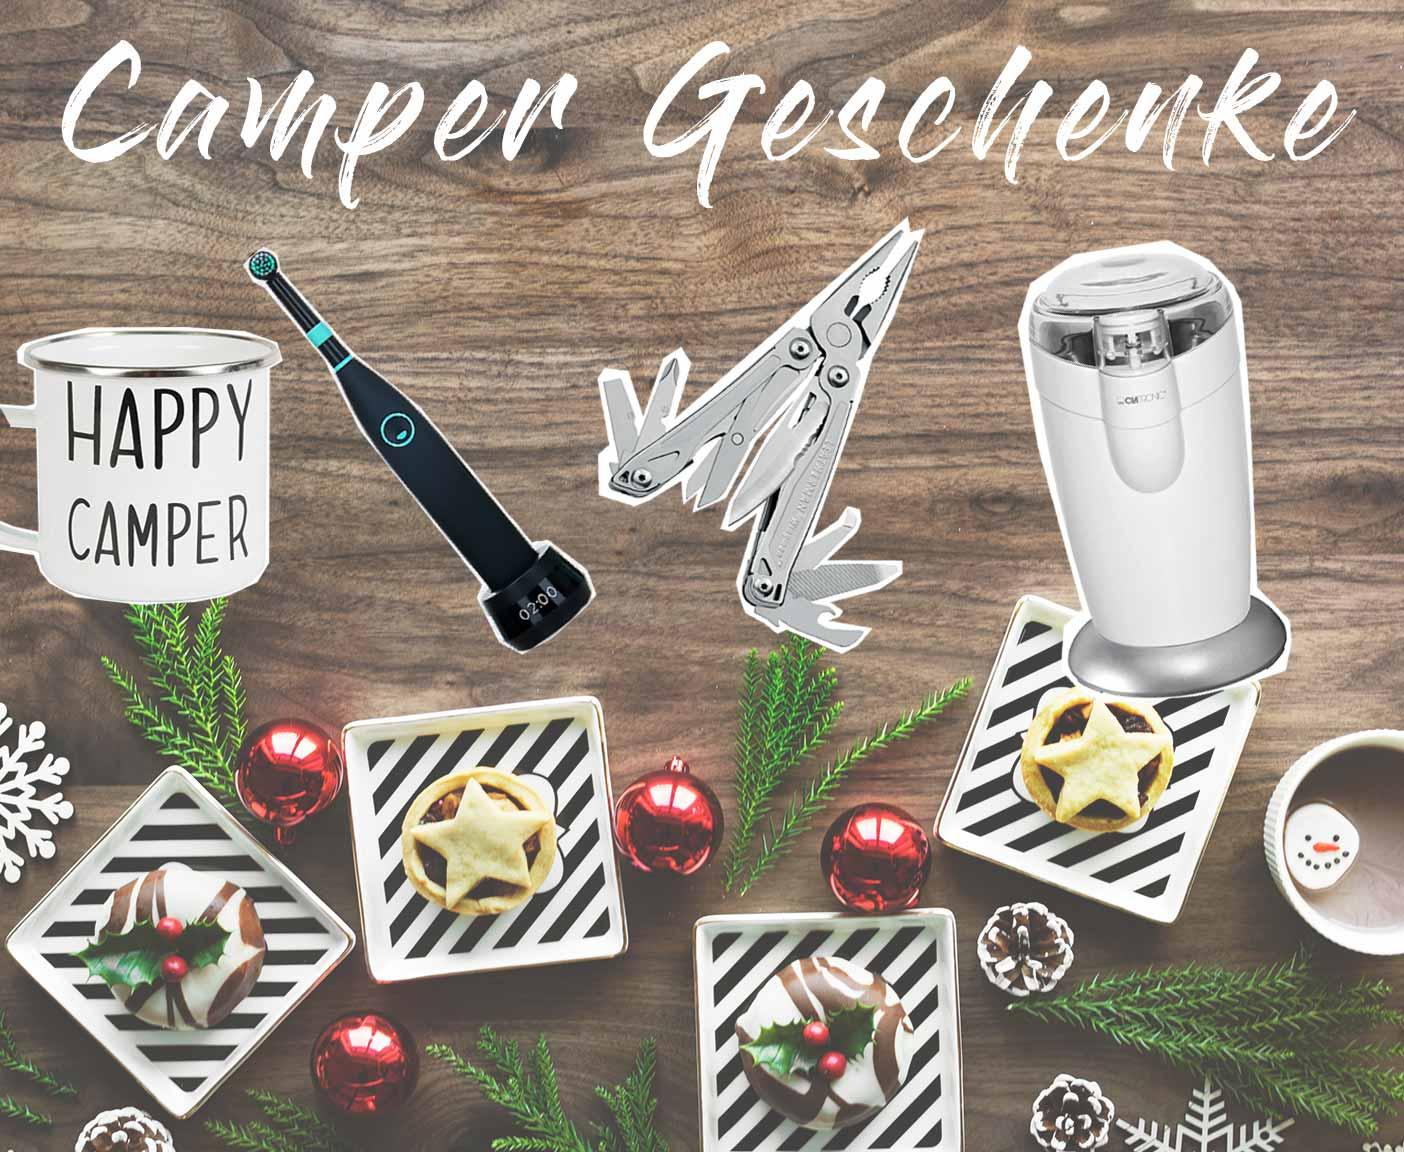 lustige geschenke camper angenehme geschenke an. Black Bedroom Furniture Sets. Home Design Ideas